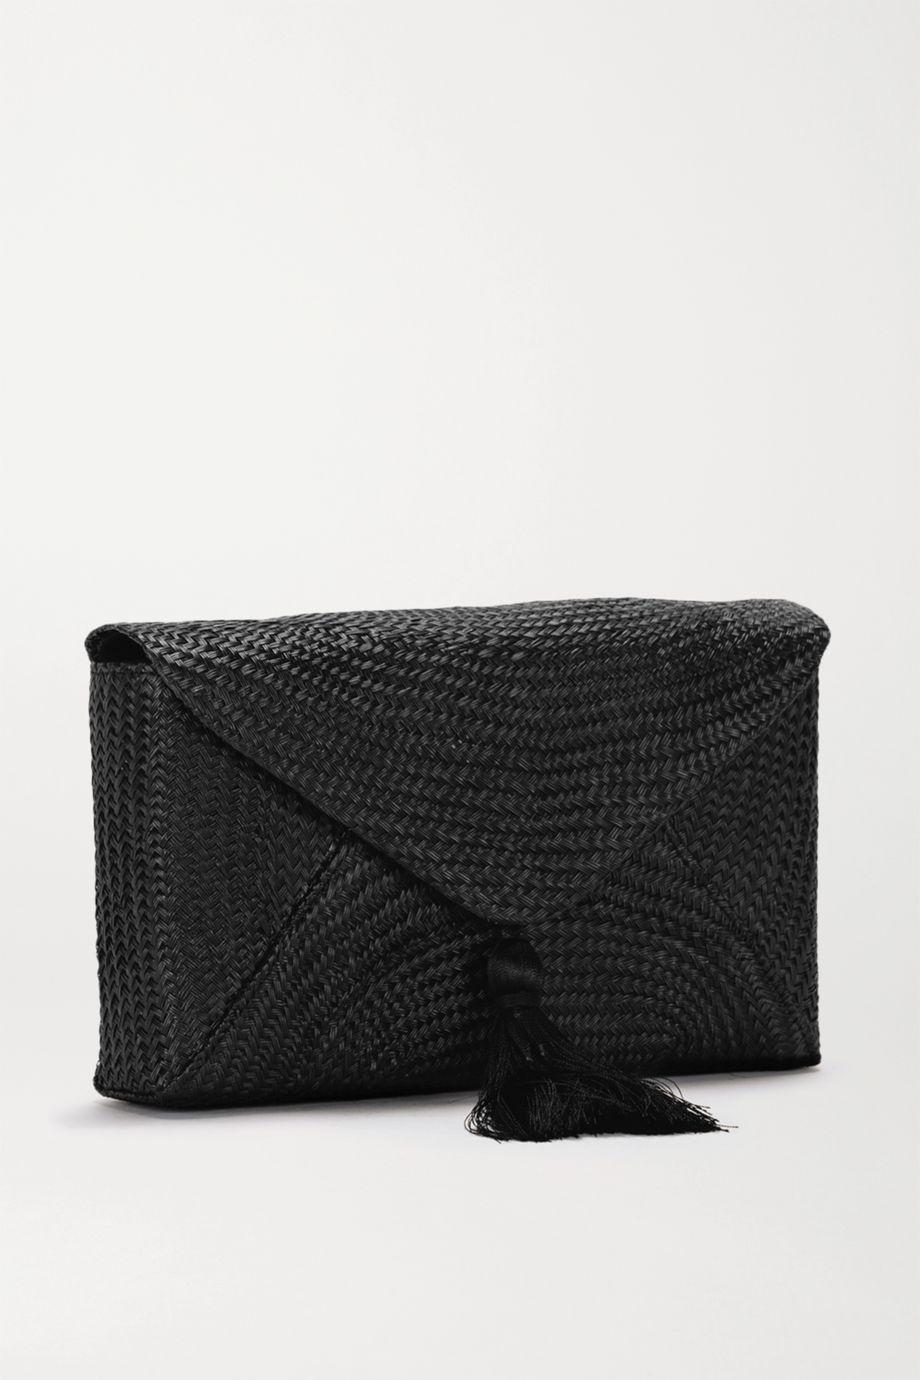 Kayu Cassia woven straw clutch